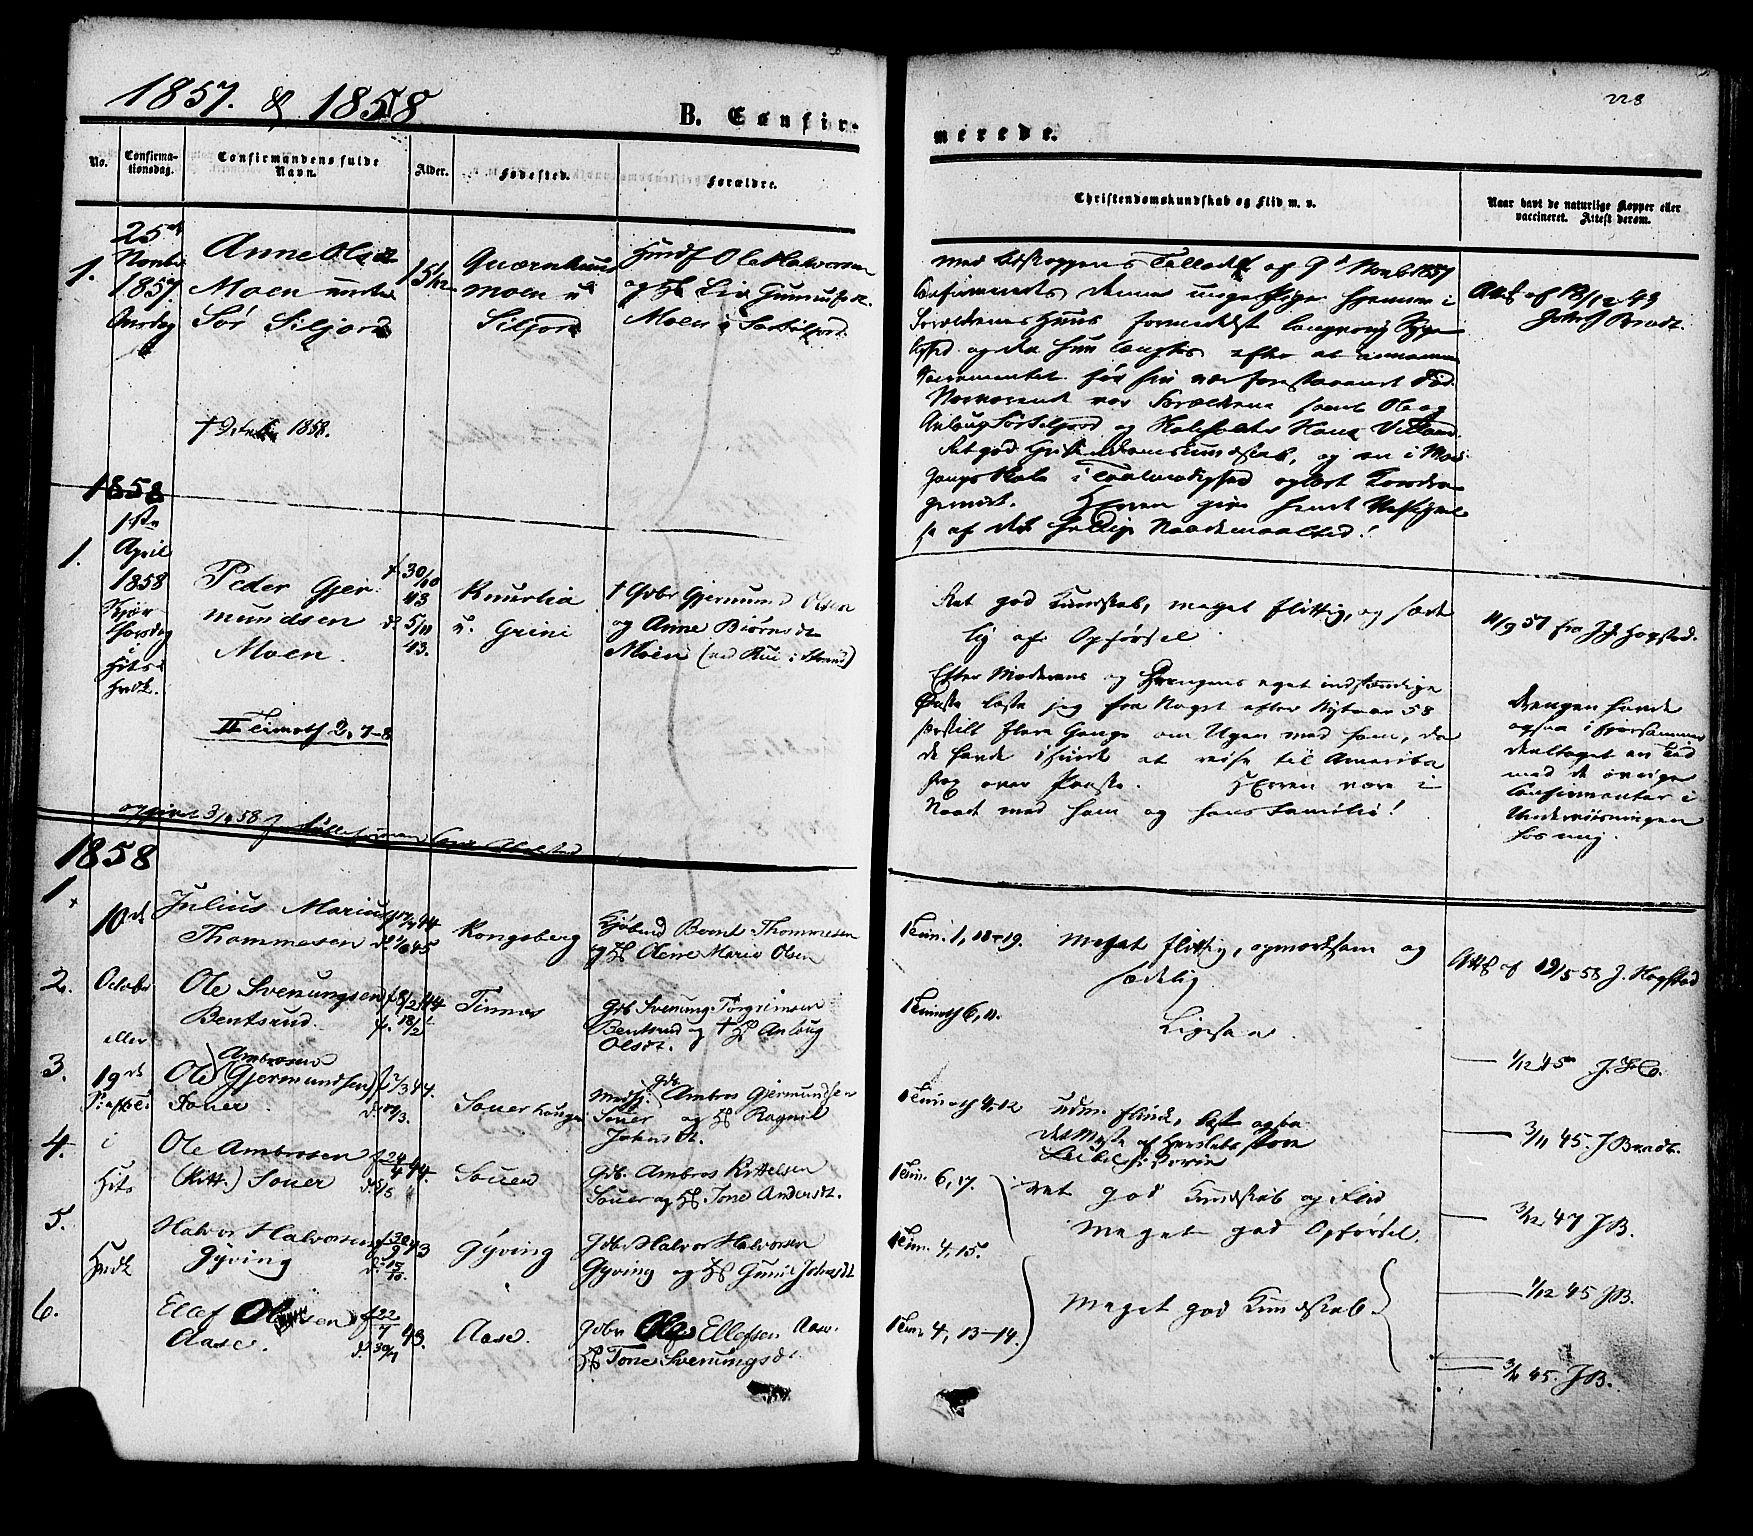 SAKO, Heddal kirkebøker, F/Fa/L0007: Ministerialbok nr. I 7, 1855-1877, s. 228